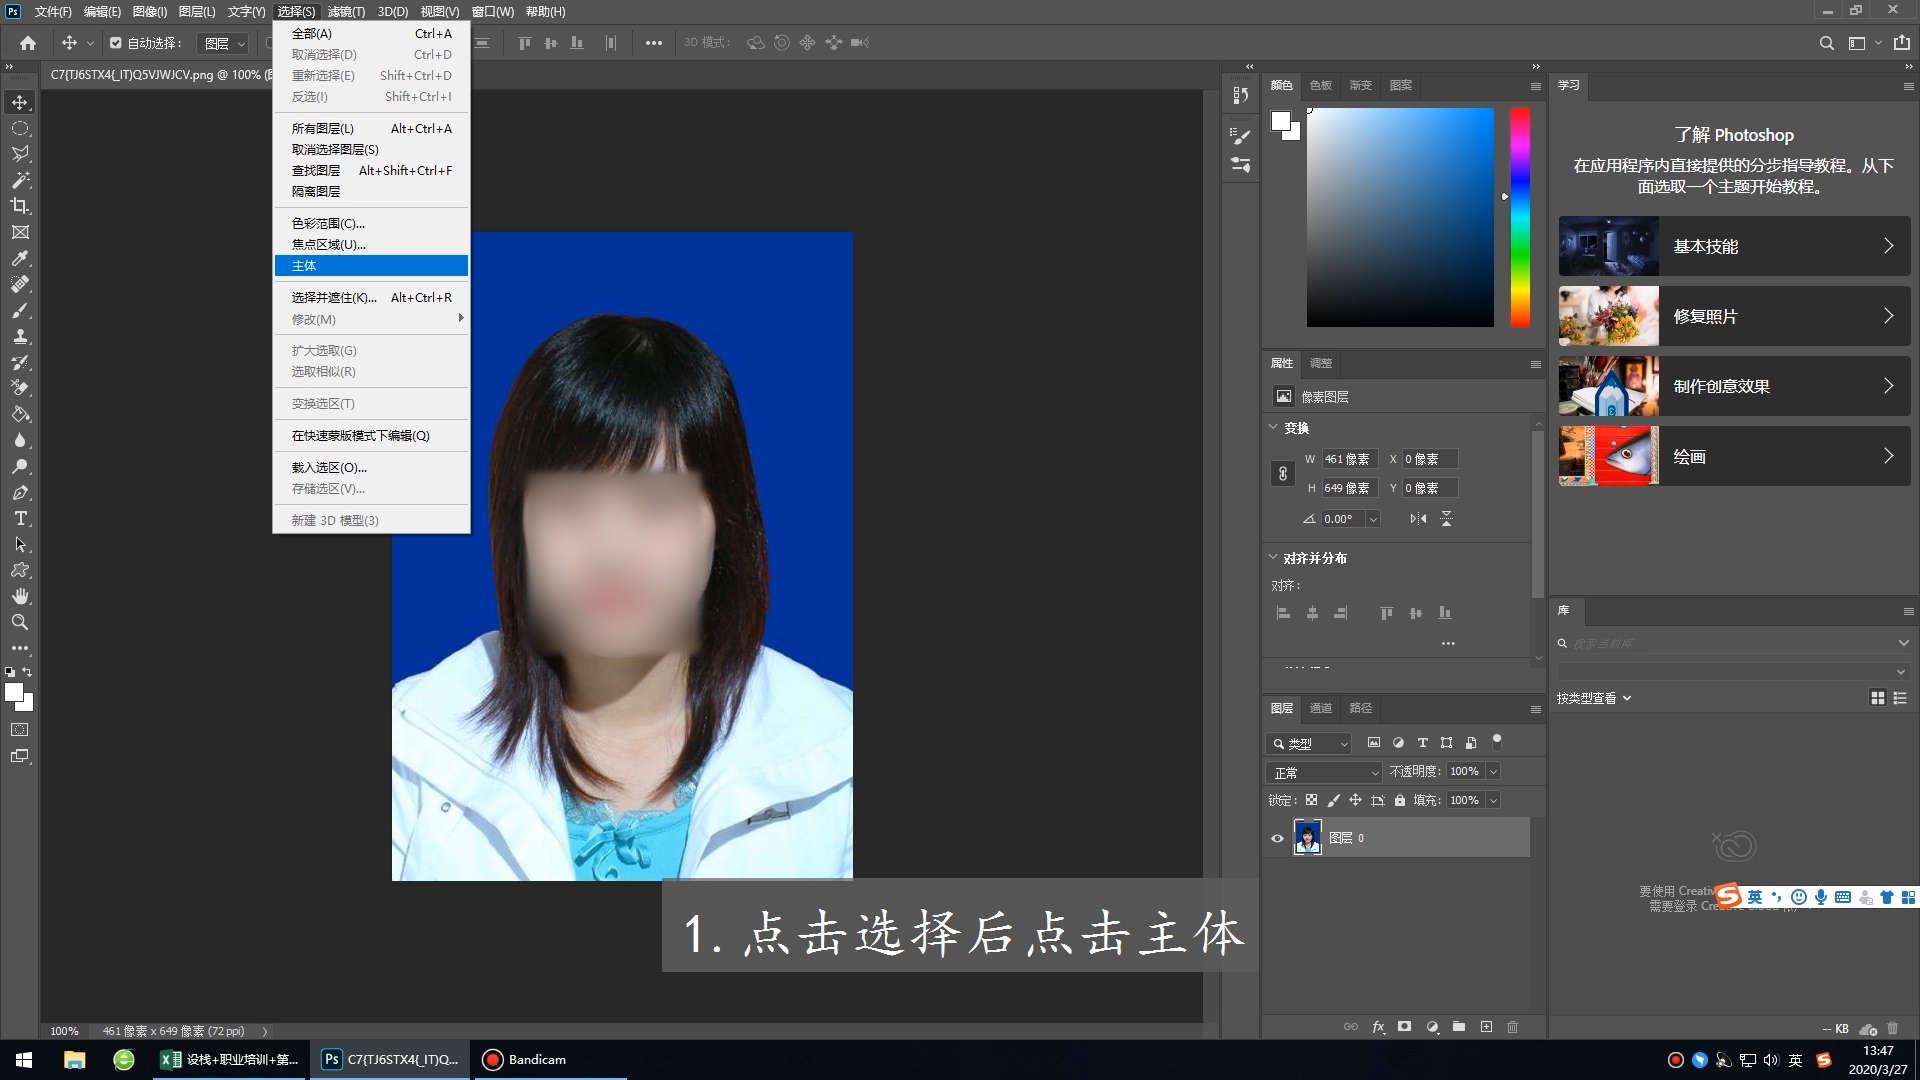 怎样用ps把图片背景变成白色第1步